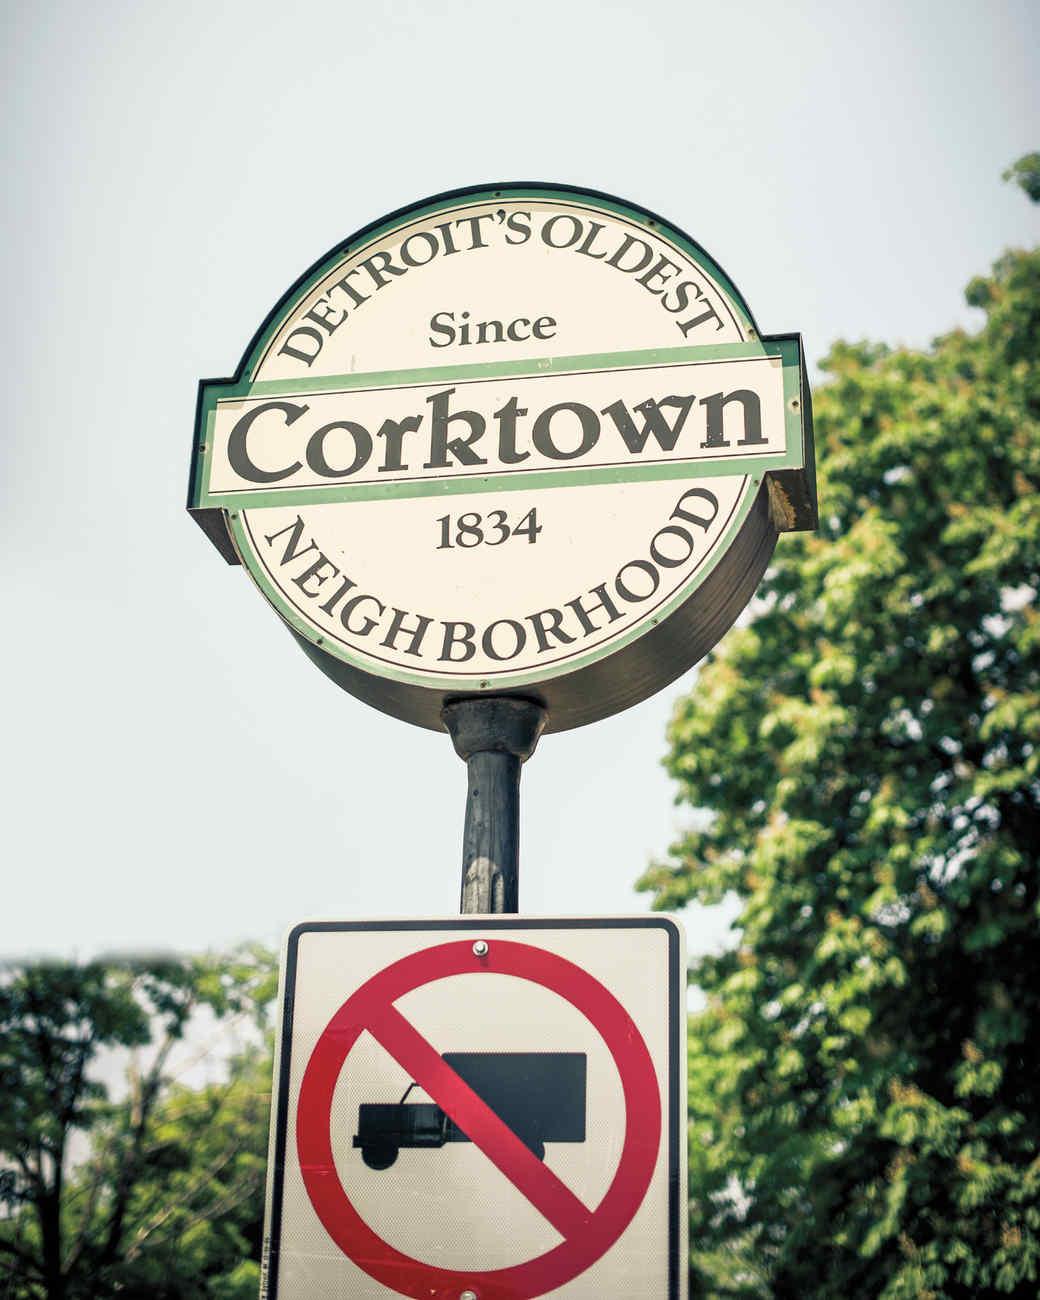 corktown-md108960.jpg